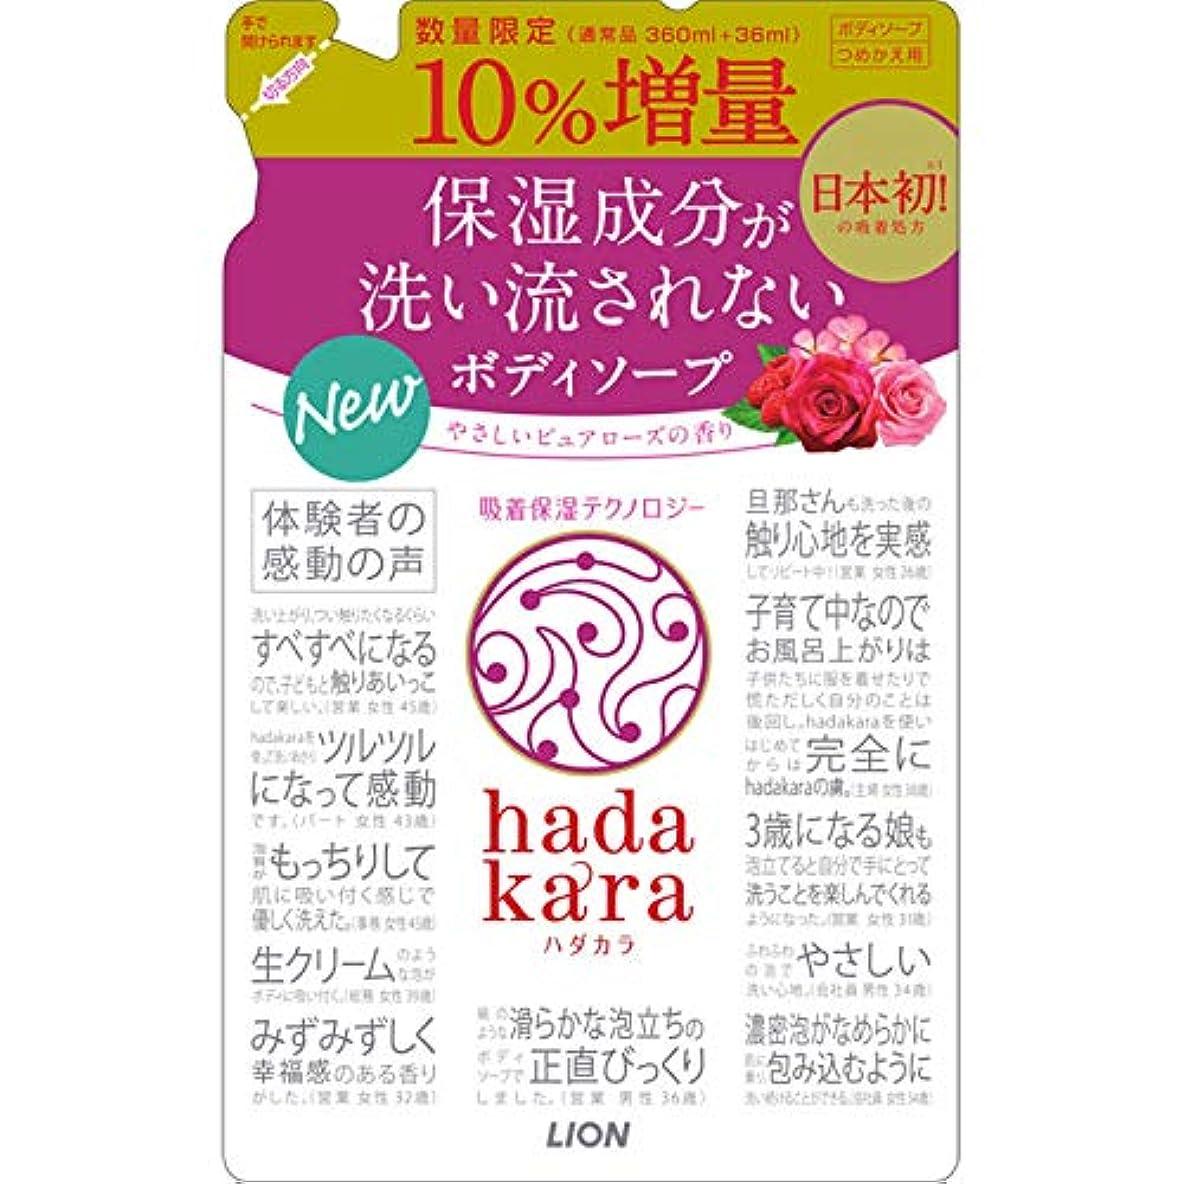 食品強盗飲料ライオン hadakara ボディソープローズ詰替増量 396ml